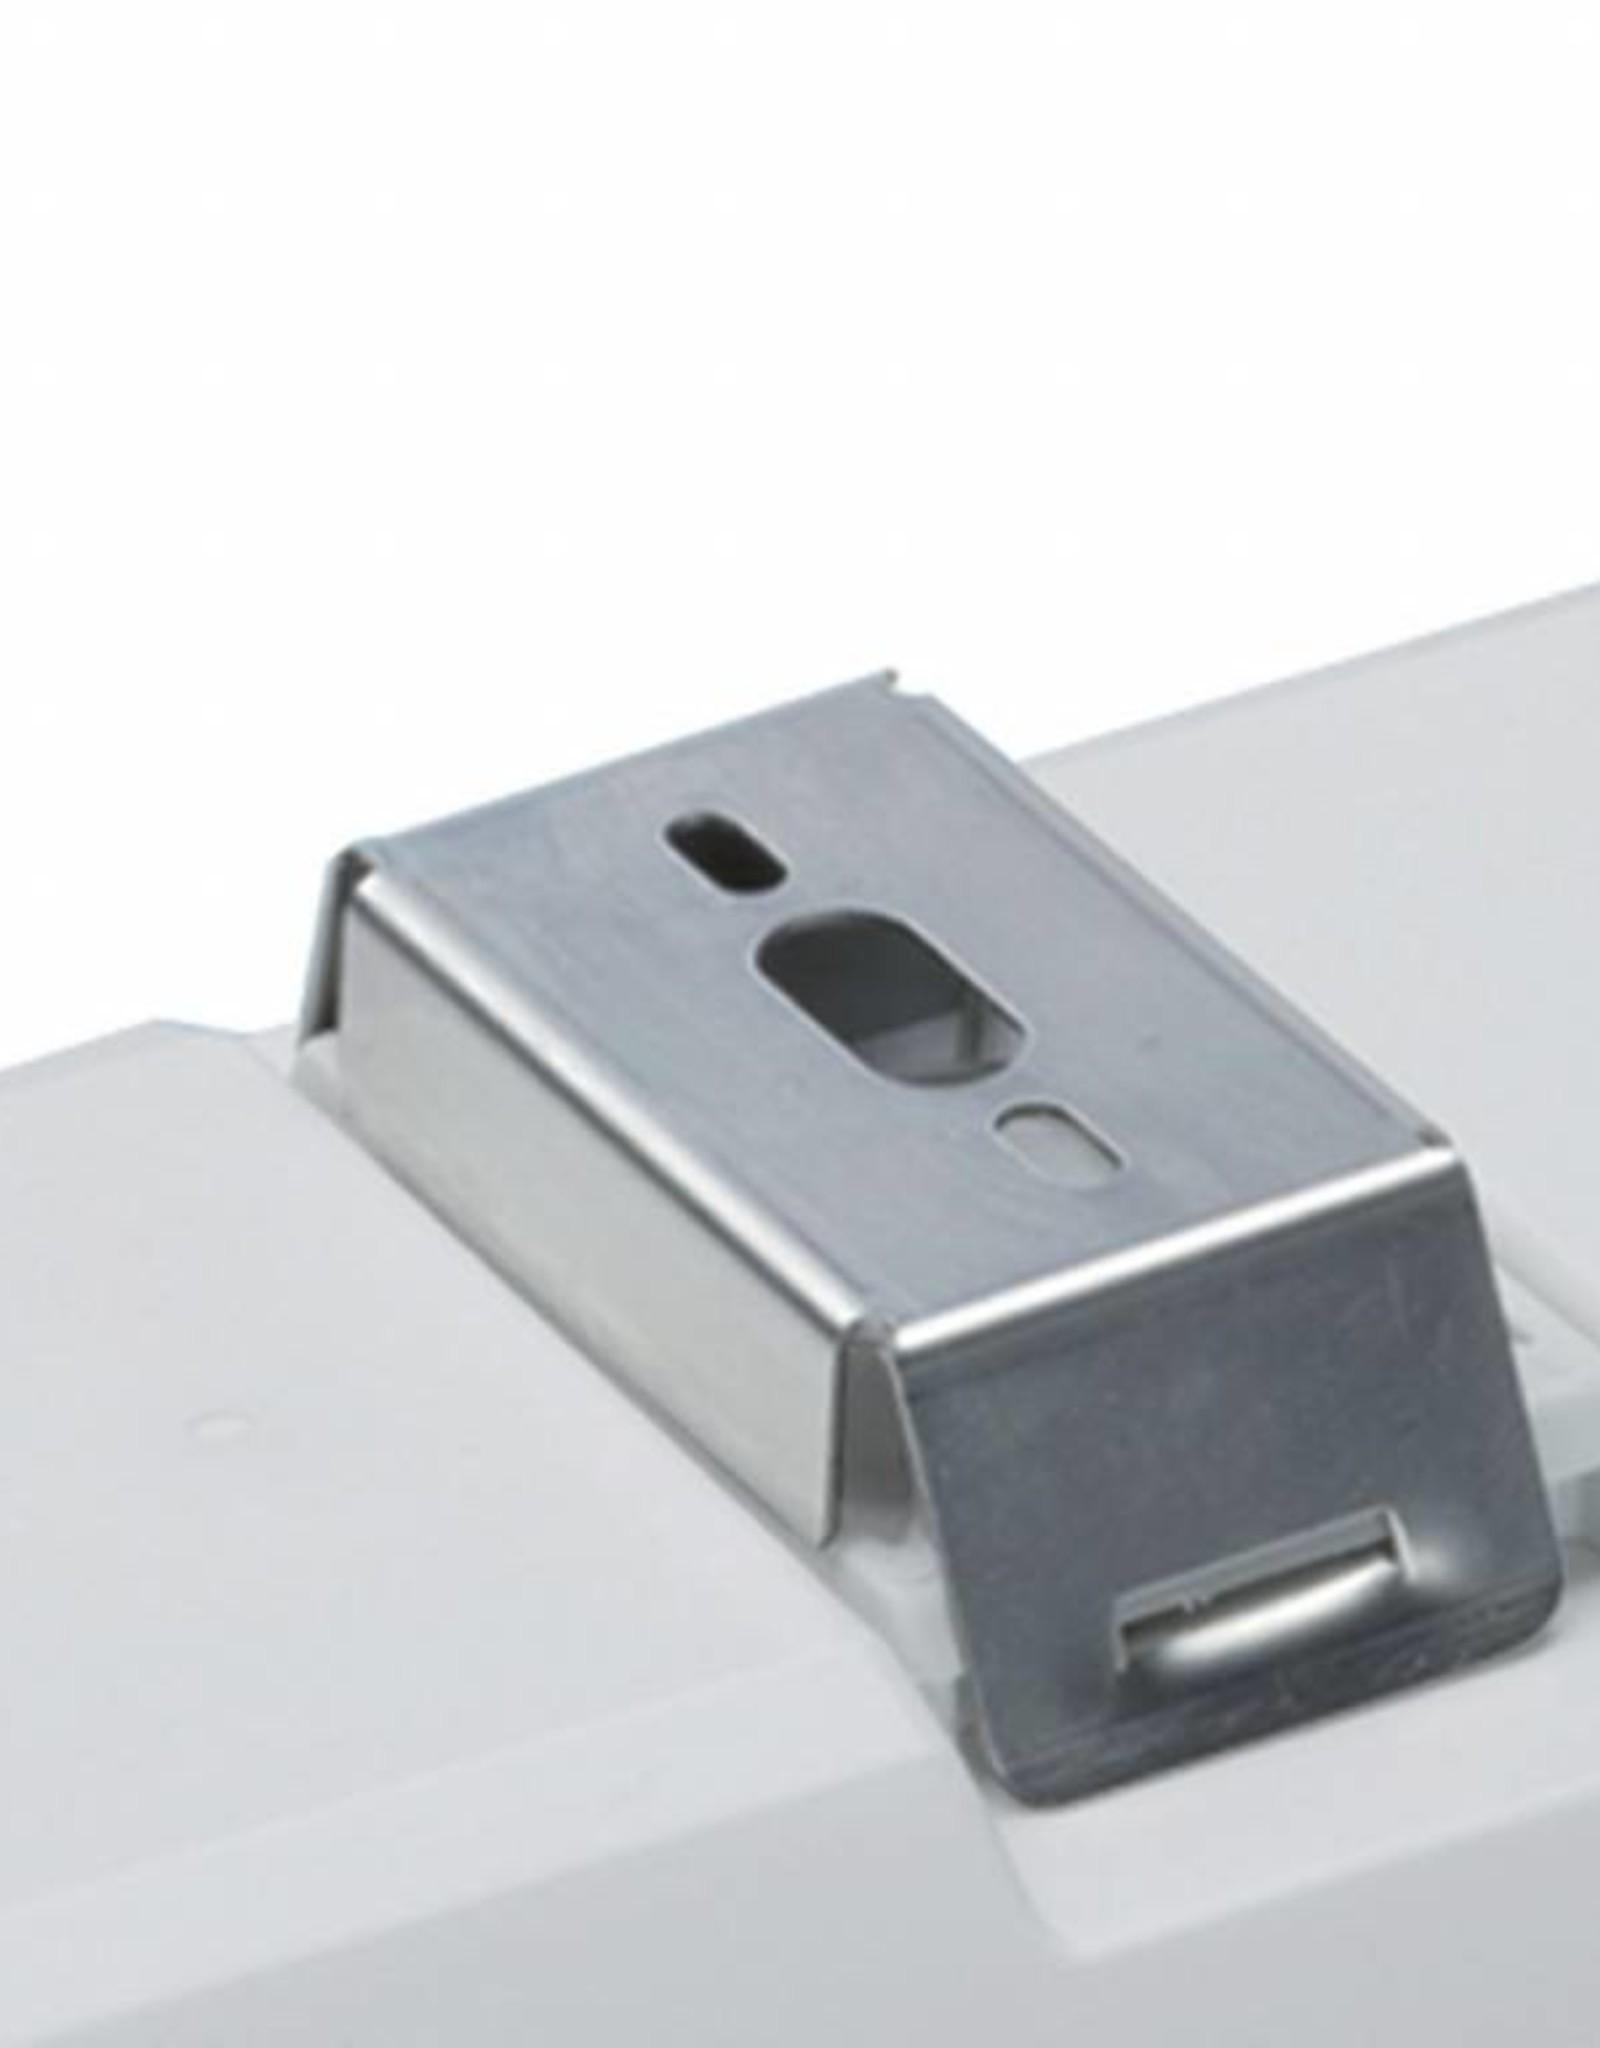 PRIMA FUTURA 2.2ft ABSc Al 3200/840 M1h